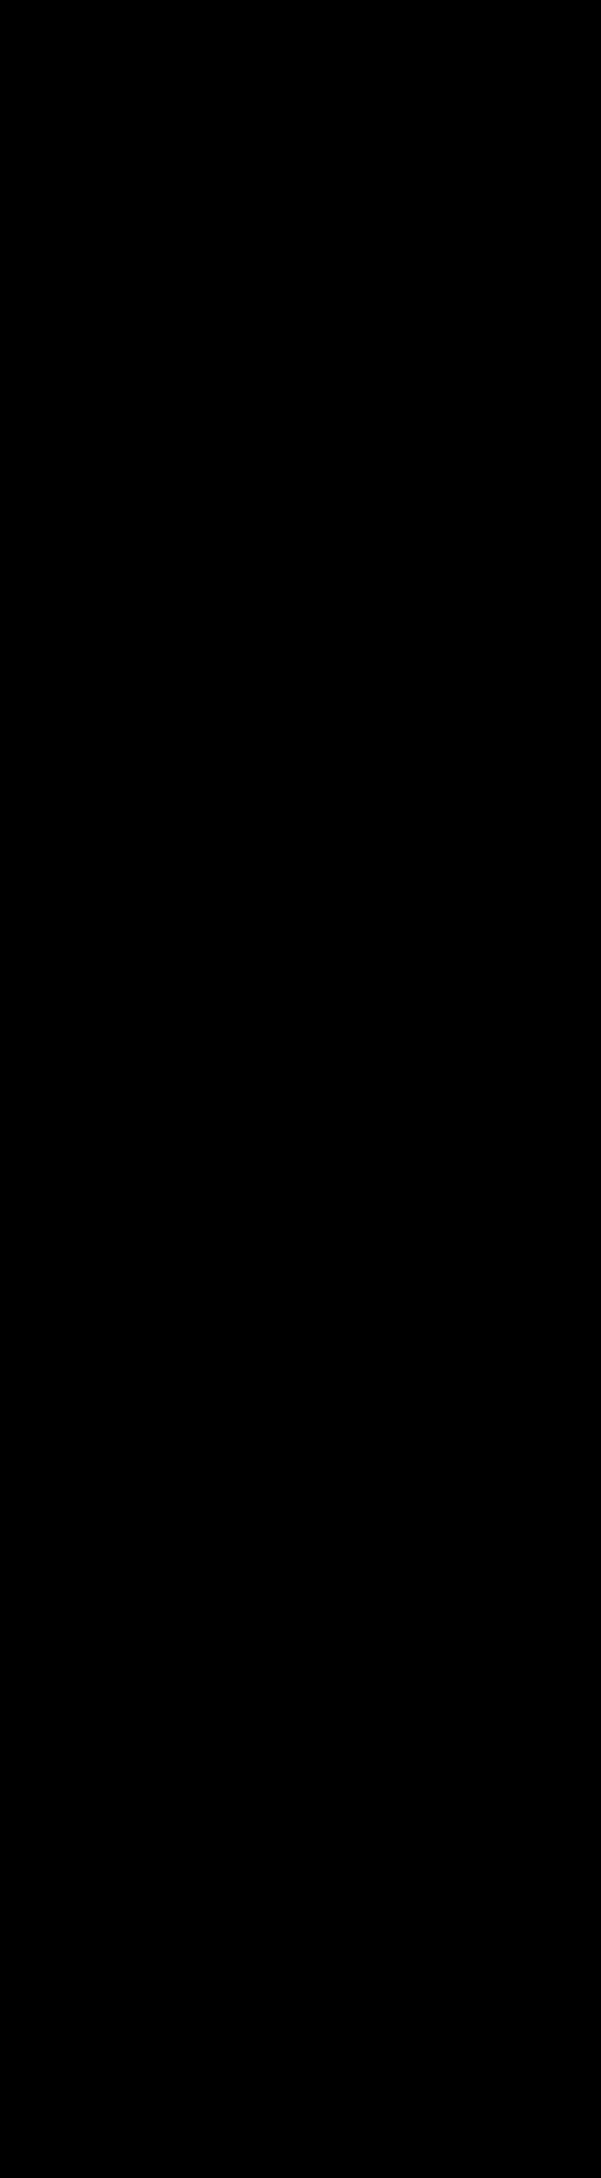 คอร์ดกีตาร์พื้นฐาน คอร์ดกีต้าโปร่ง เพลง ร้านขายยา